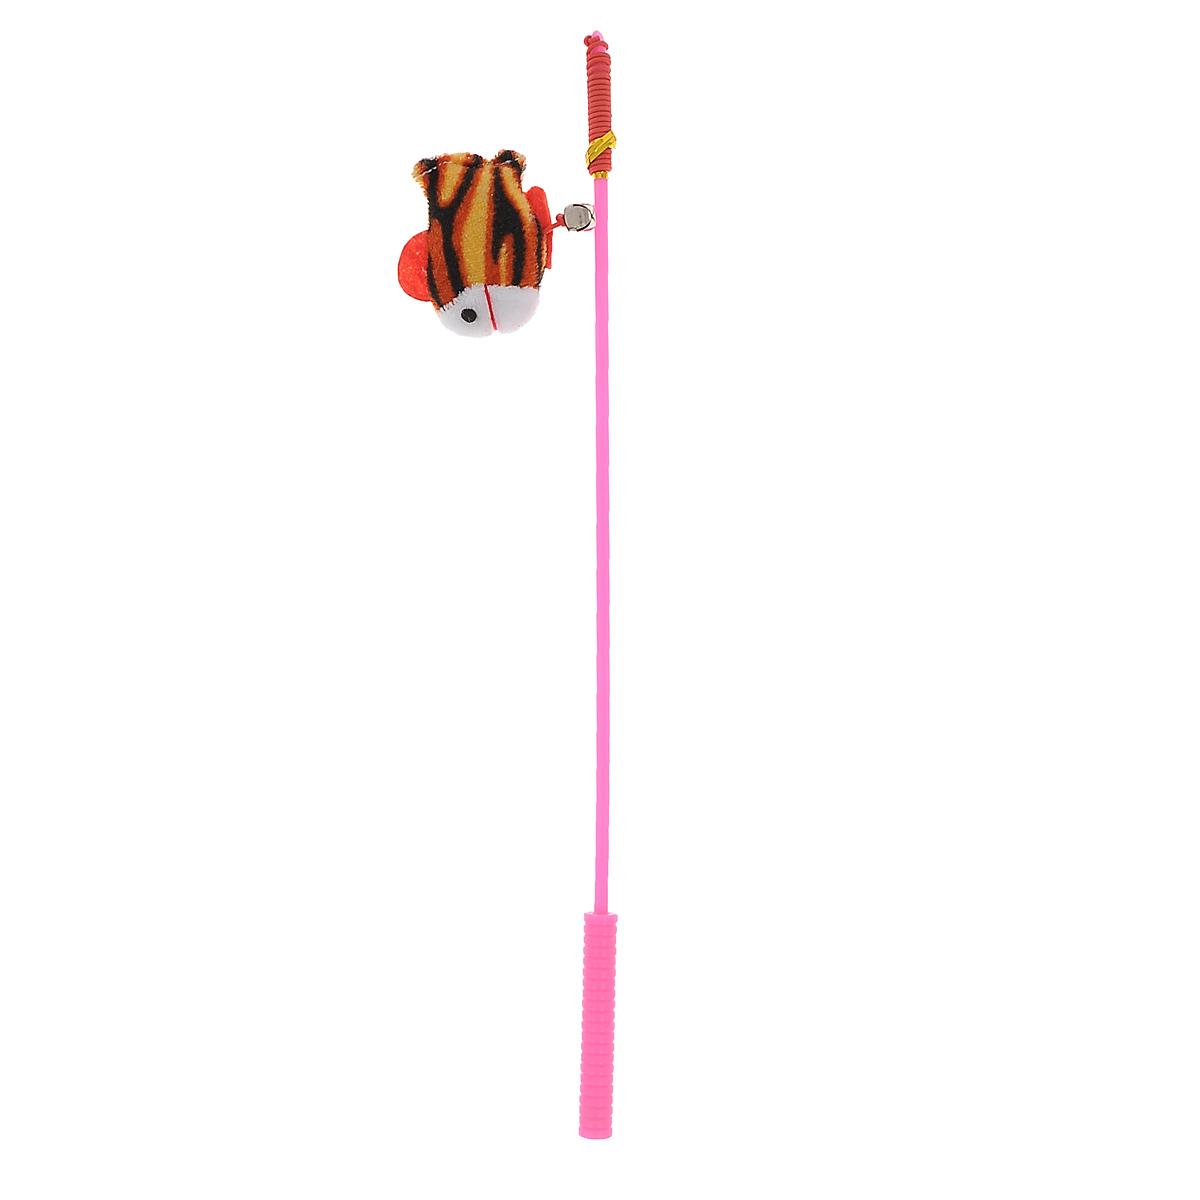 Дразнилка-удочка для кошек V.I.Pet Рыбка, цвет: розовый, коричневый, белыйST-104_розовыйДразнилка-удочка для кошек V.I.Pet Рыбка, изготовленная из текстиля и пластика, прекрасно подойдет для веселых игр вашего пушистого любимца. Играя с этой забавной дразнилкой, маленькие котята развиваются физически, а взрослые кошки и коты поддерживают свой мышечный тонус. Яркая игрушка на конце удочки сразу привлечет внимание вашего любимца, не навредит здоровью и увлечет его на долгое время. Длина удочки: 37 см. Размер игрушки: 6,5 см х 6 см х 2 см.